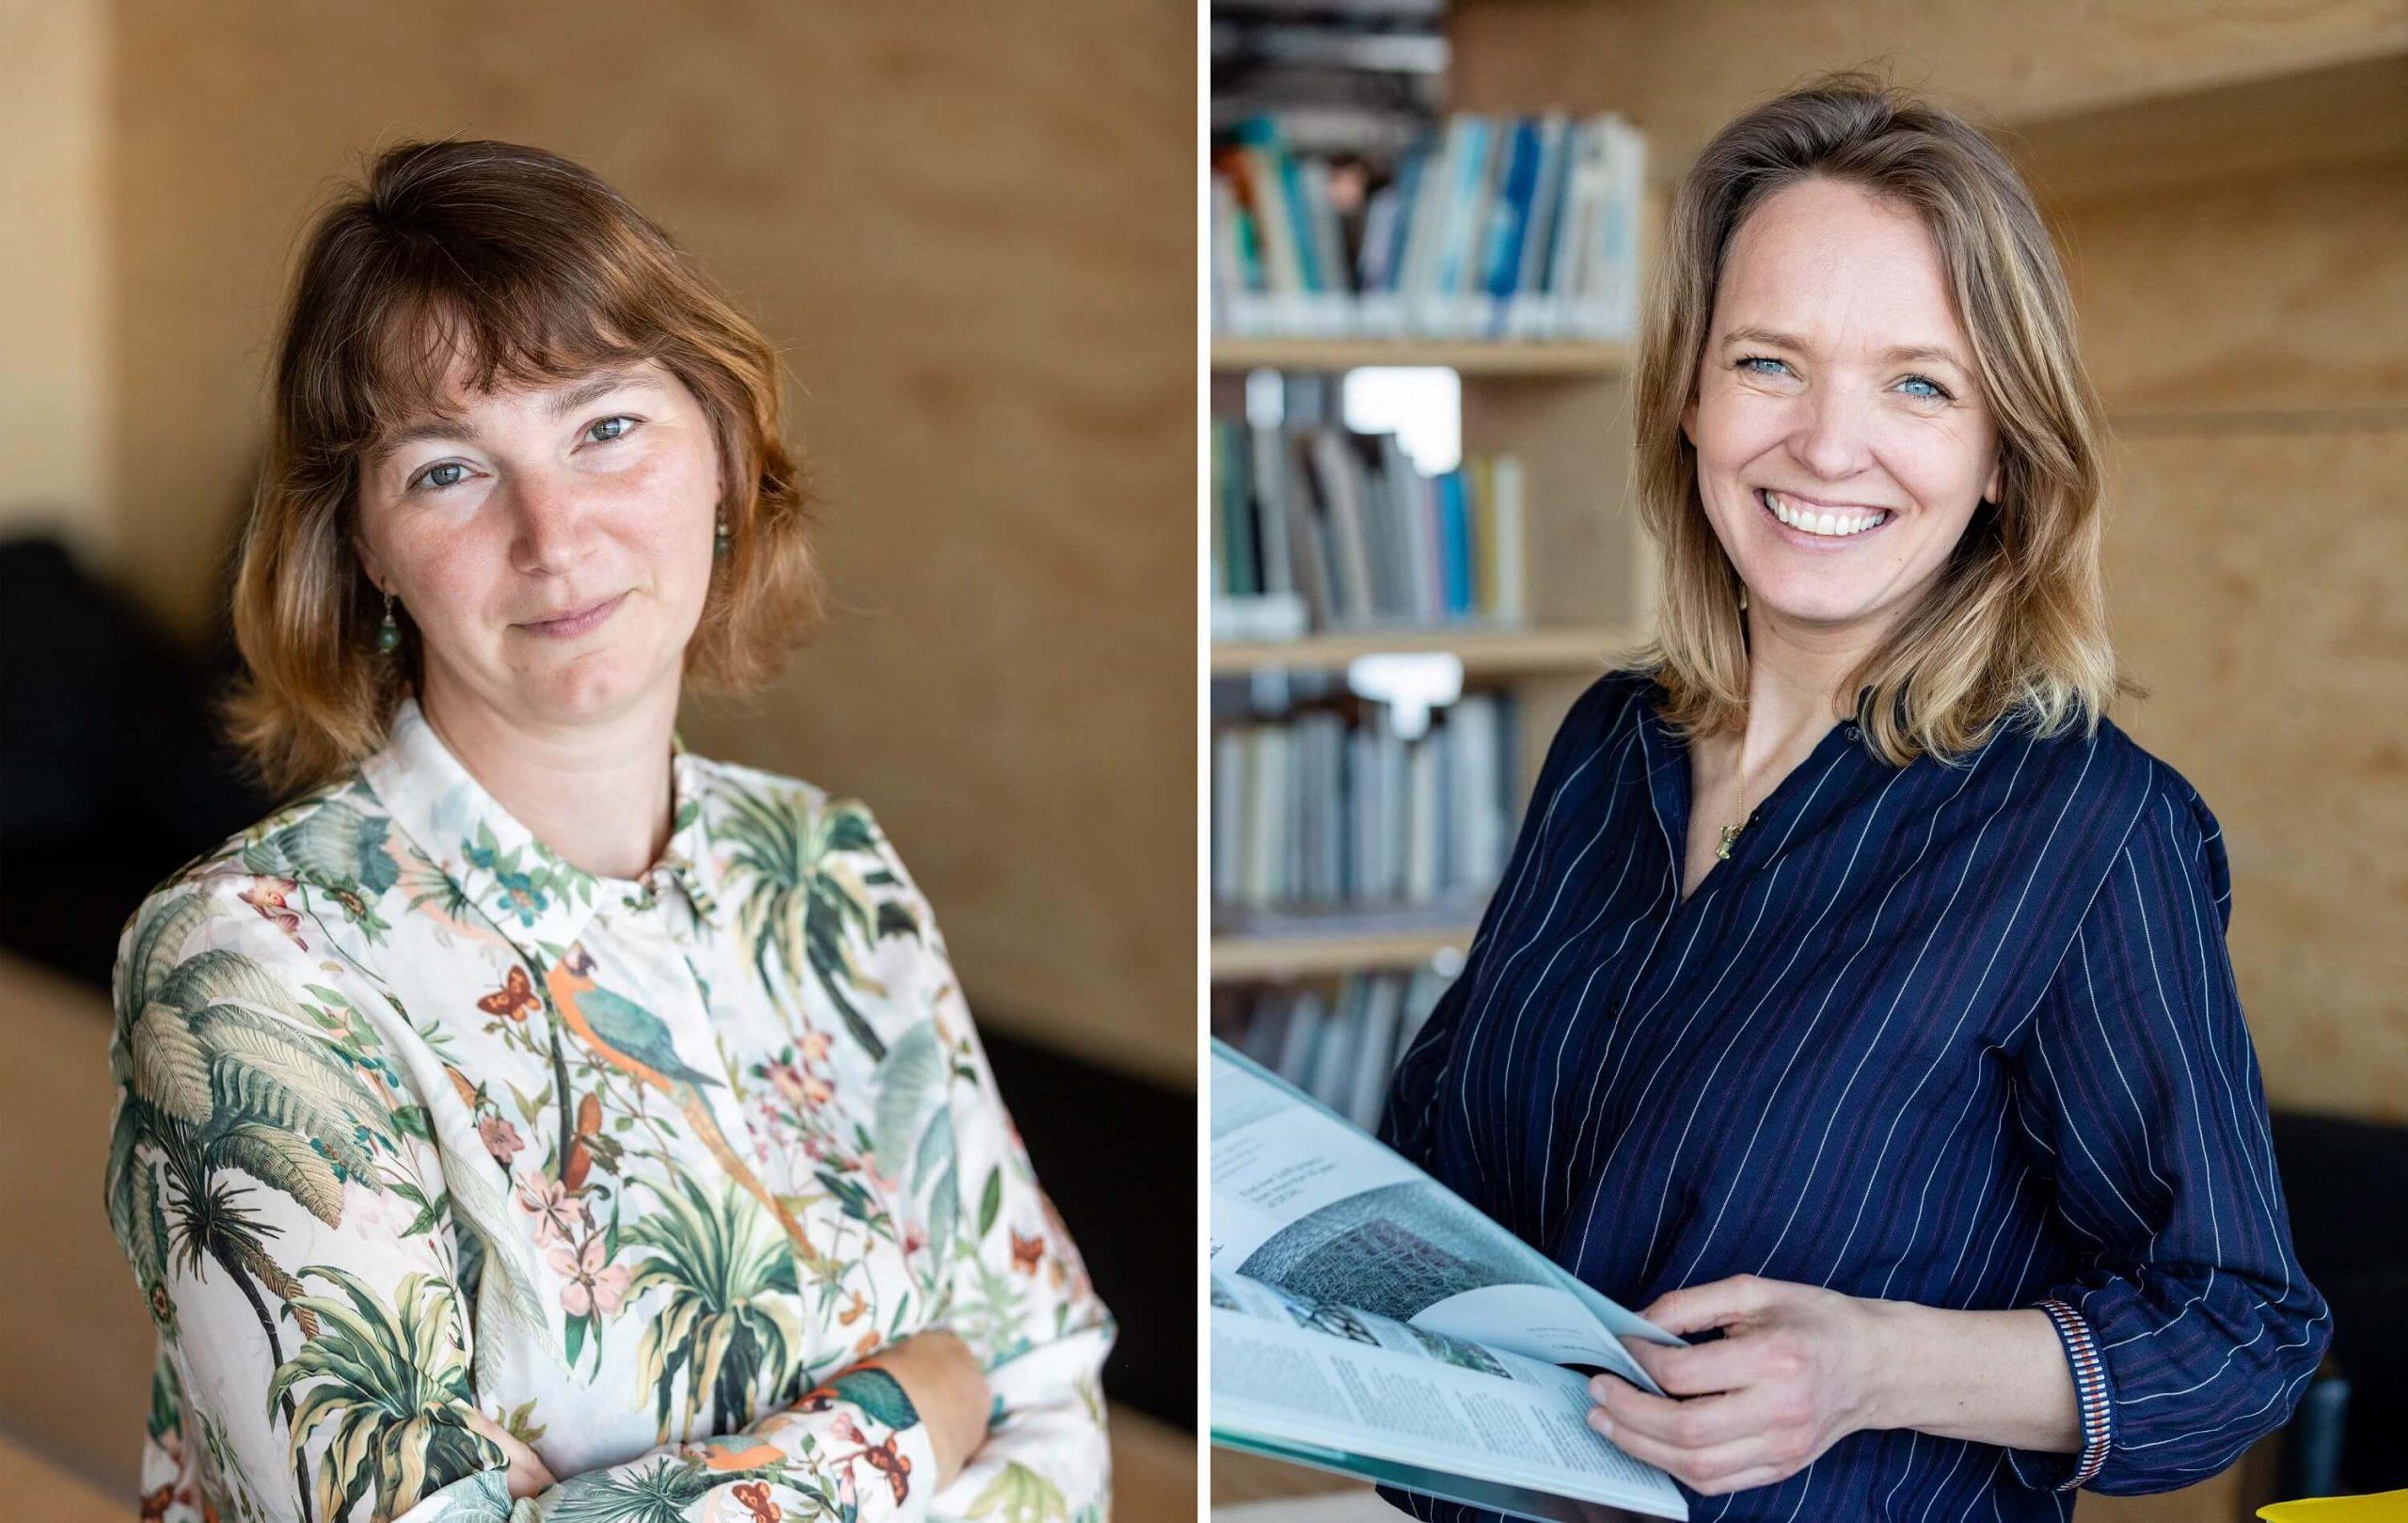 Karianne Vandenbroucke en Marleen van Driel door fotograaf Ineke Oostveen